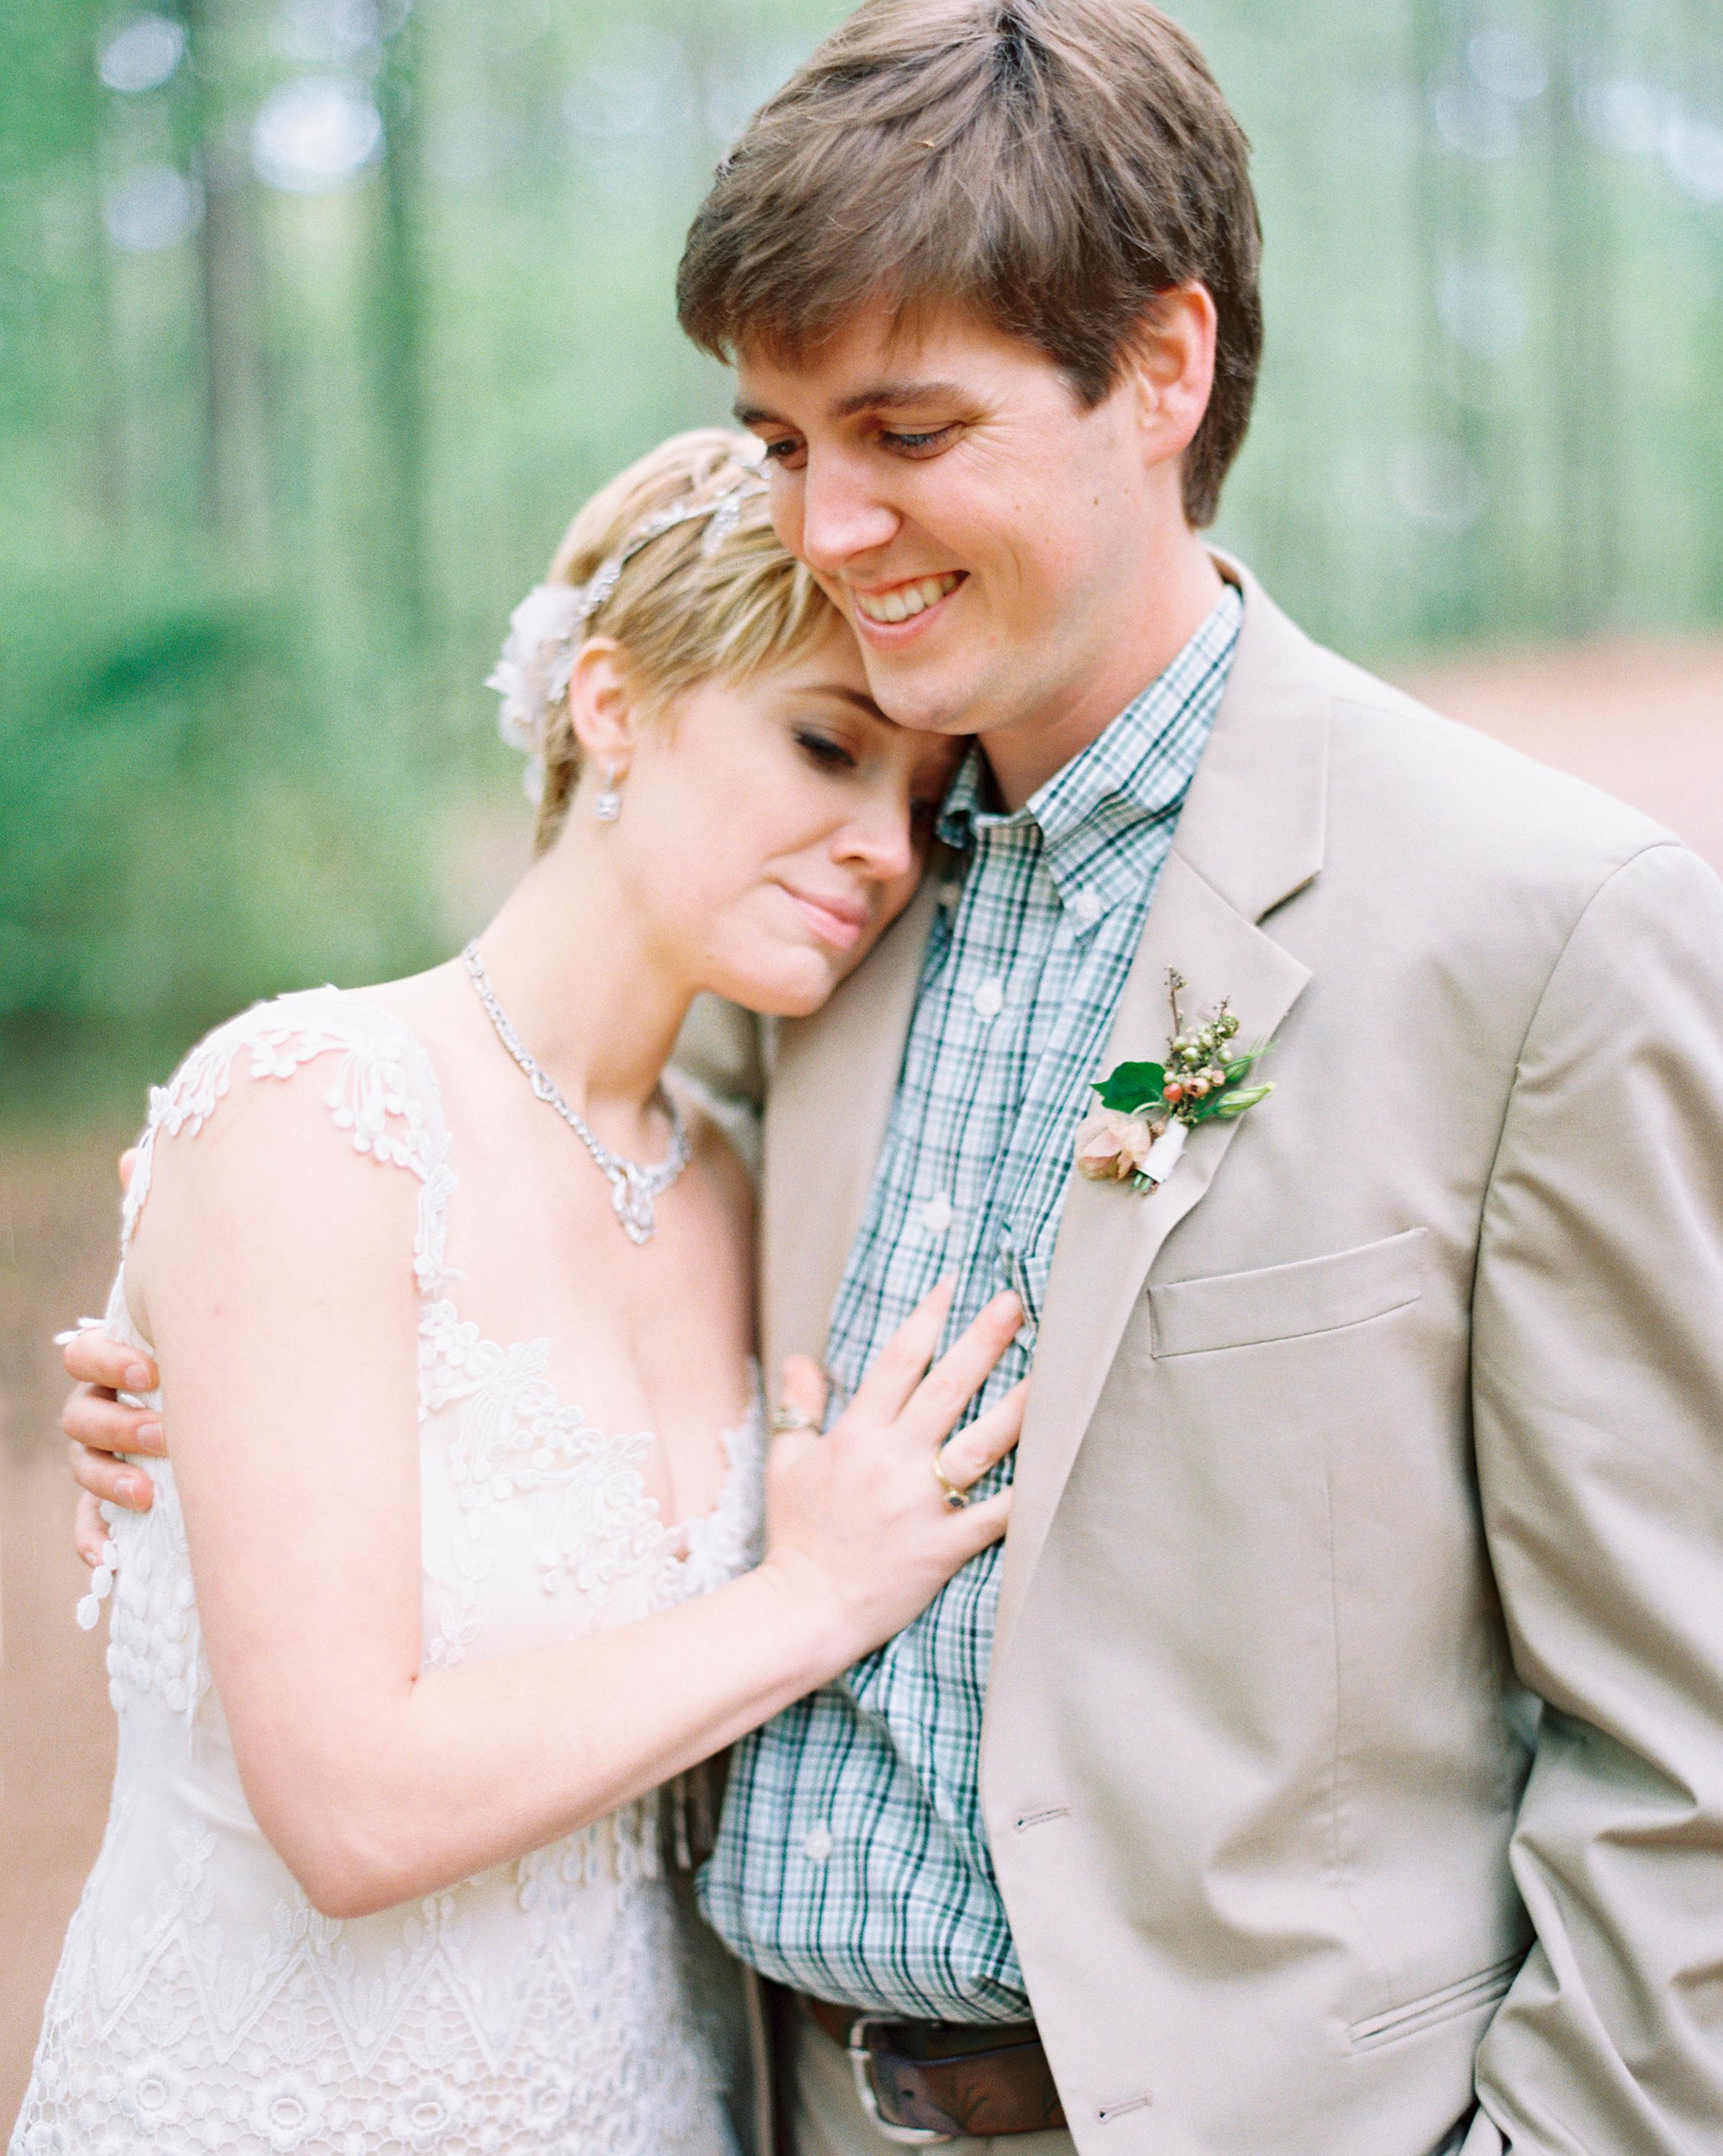 susan-cartter-wedding-couple-008426016-s111503-0914.jpg